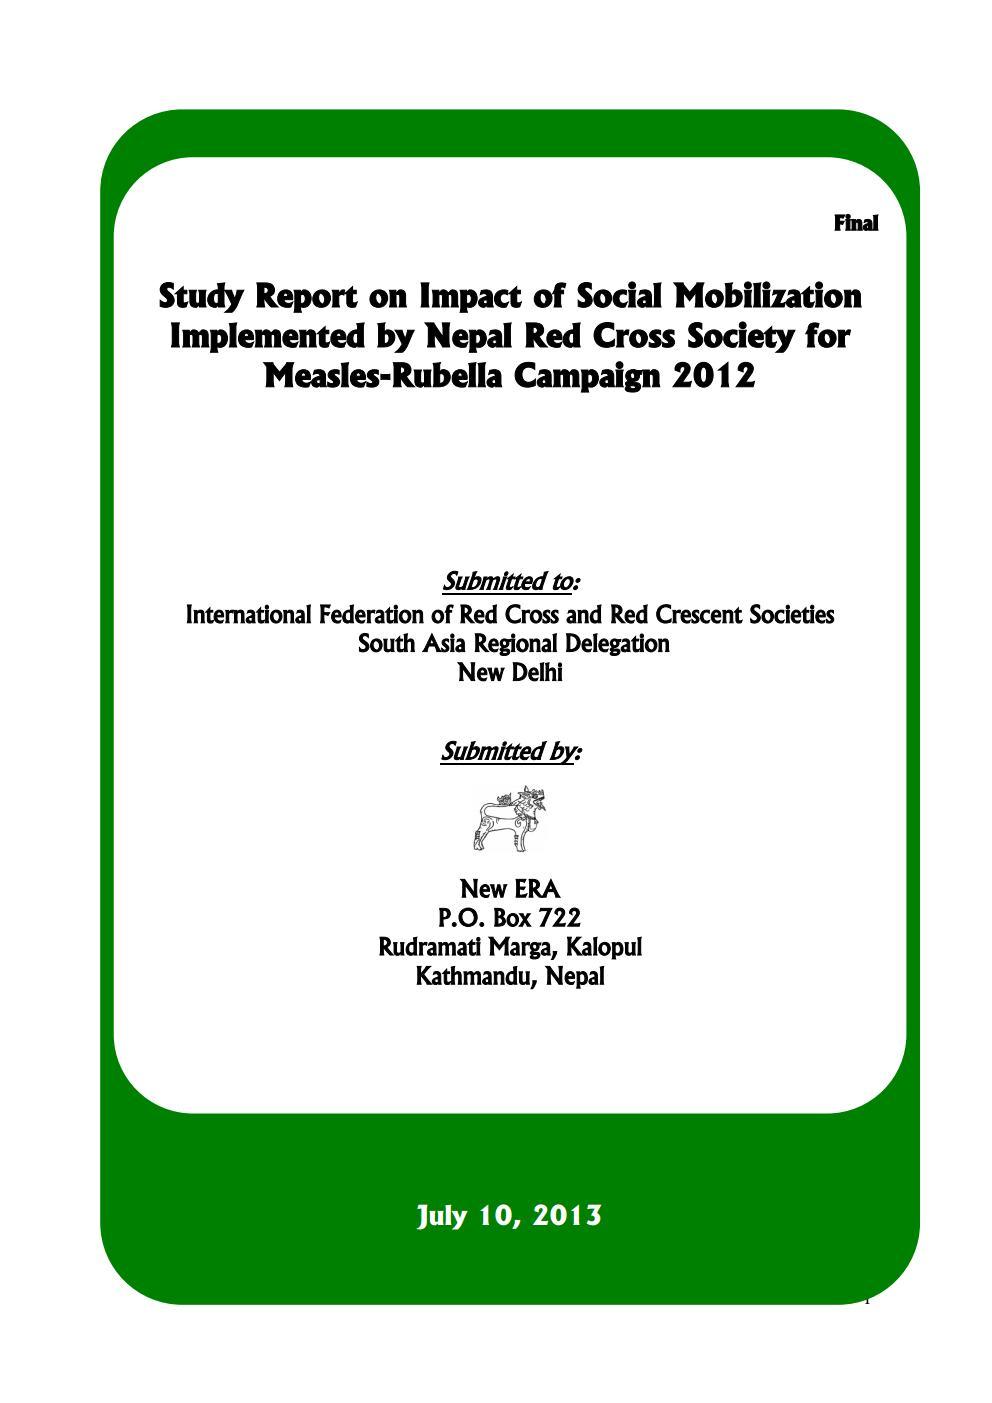 Measles-Rubella Campaign 2012